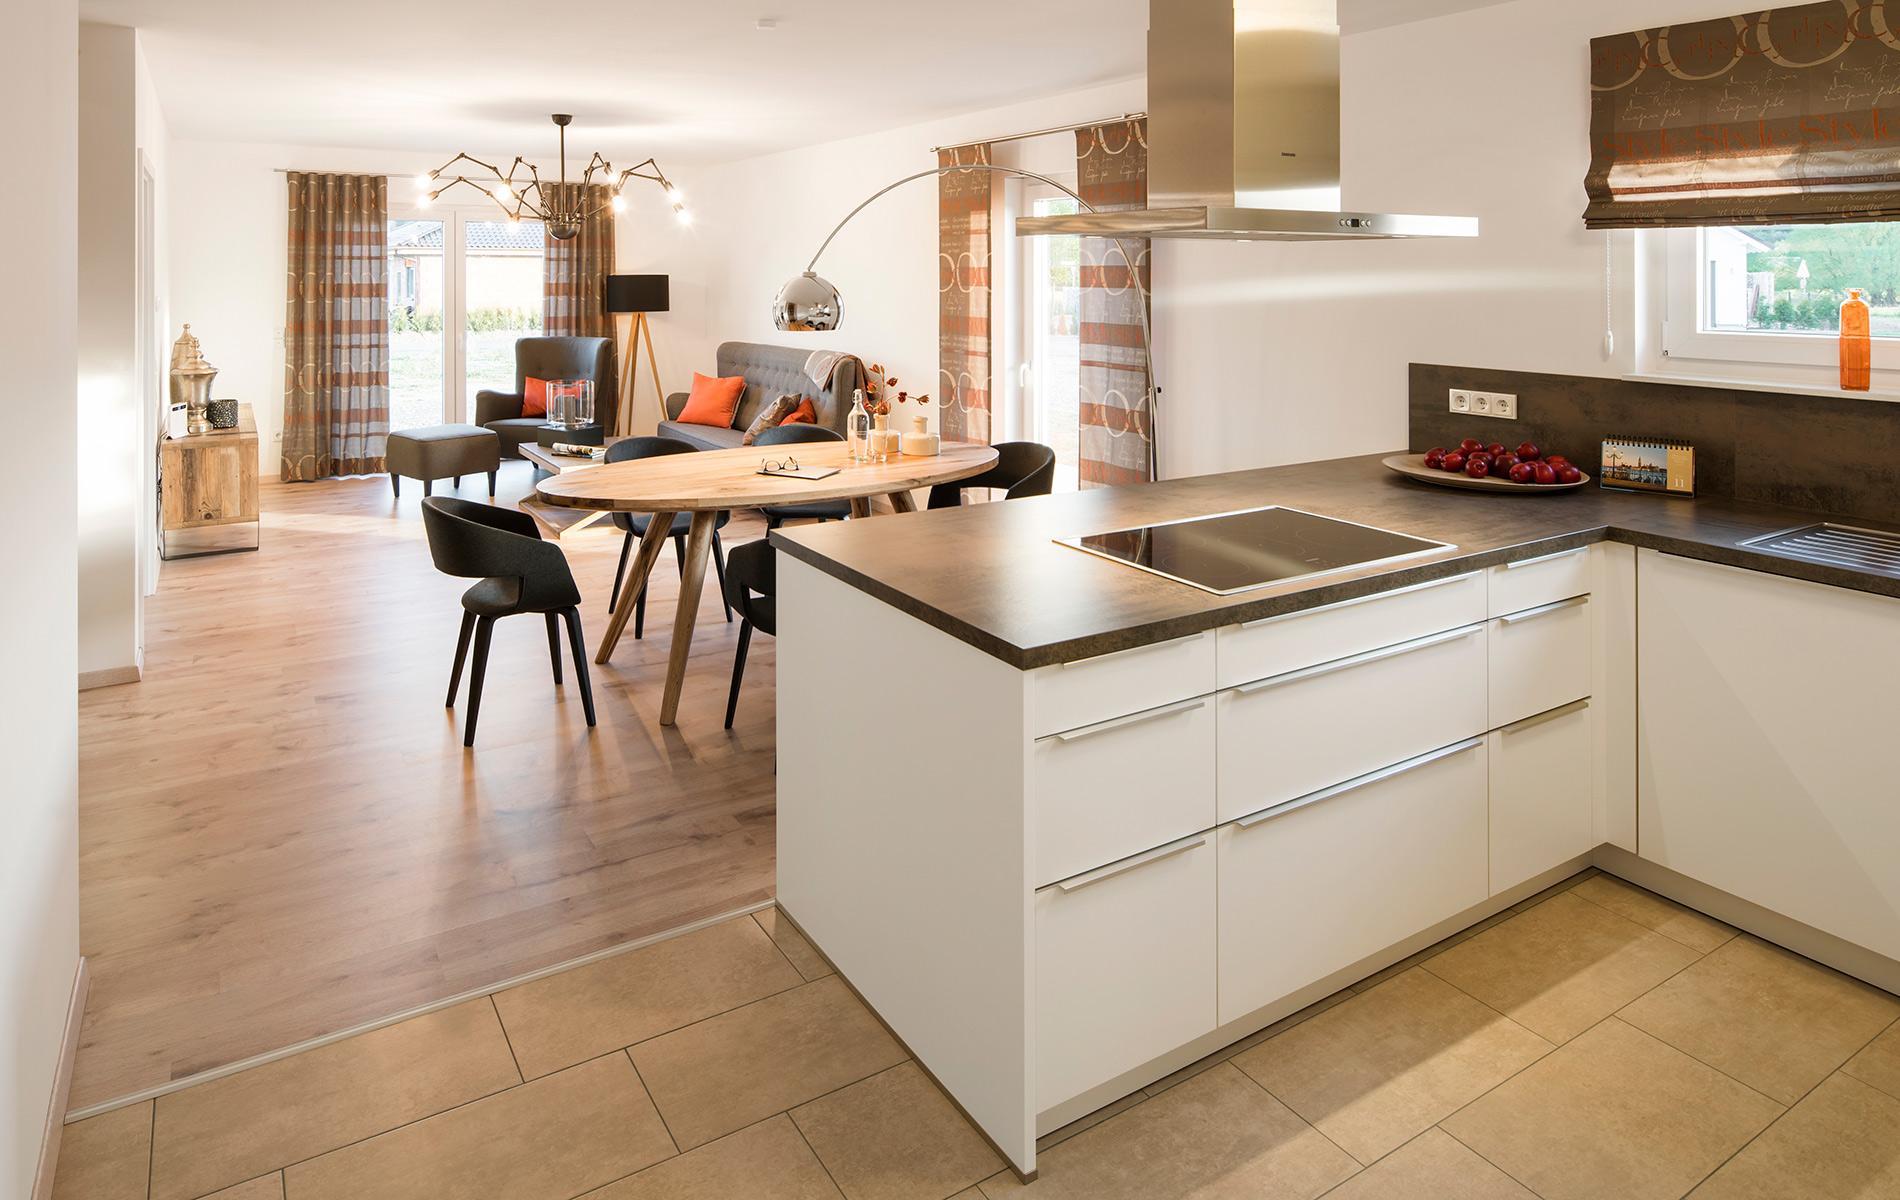 NIVO - Battenfeld - helle und geräumige Küche mit Durchgang zum Essbereich